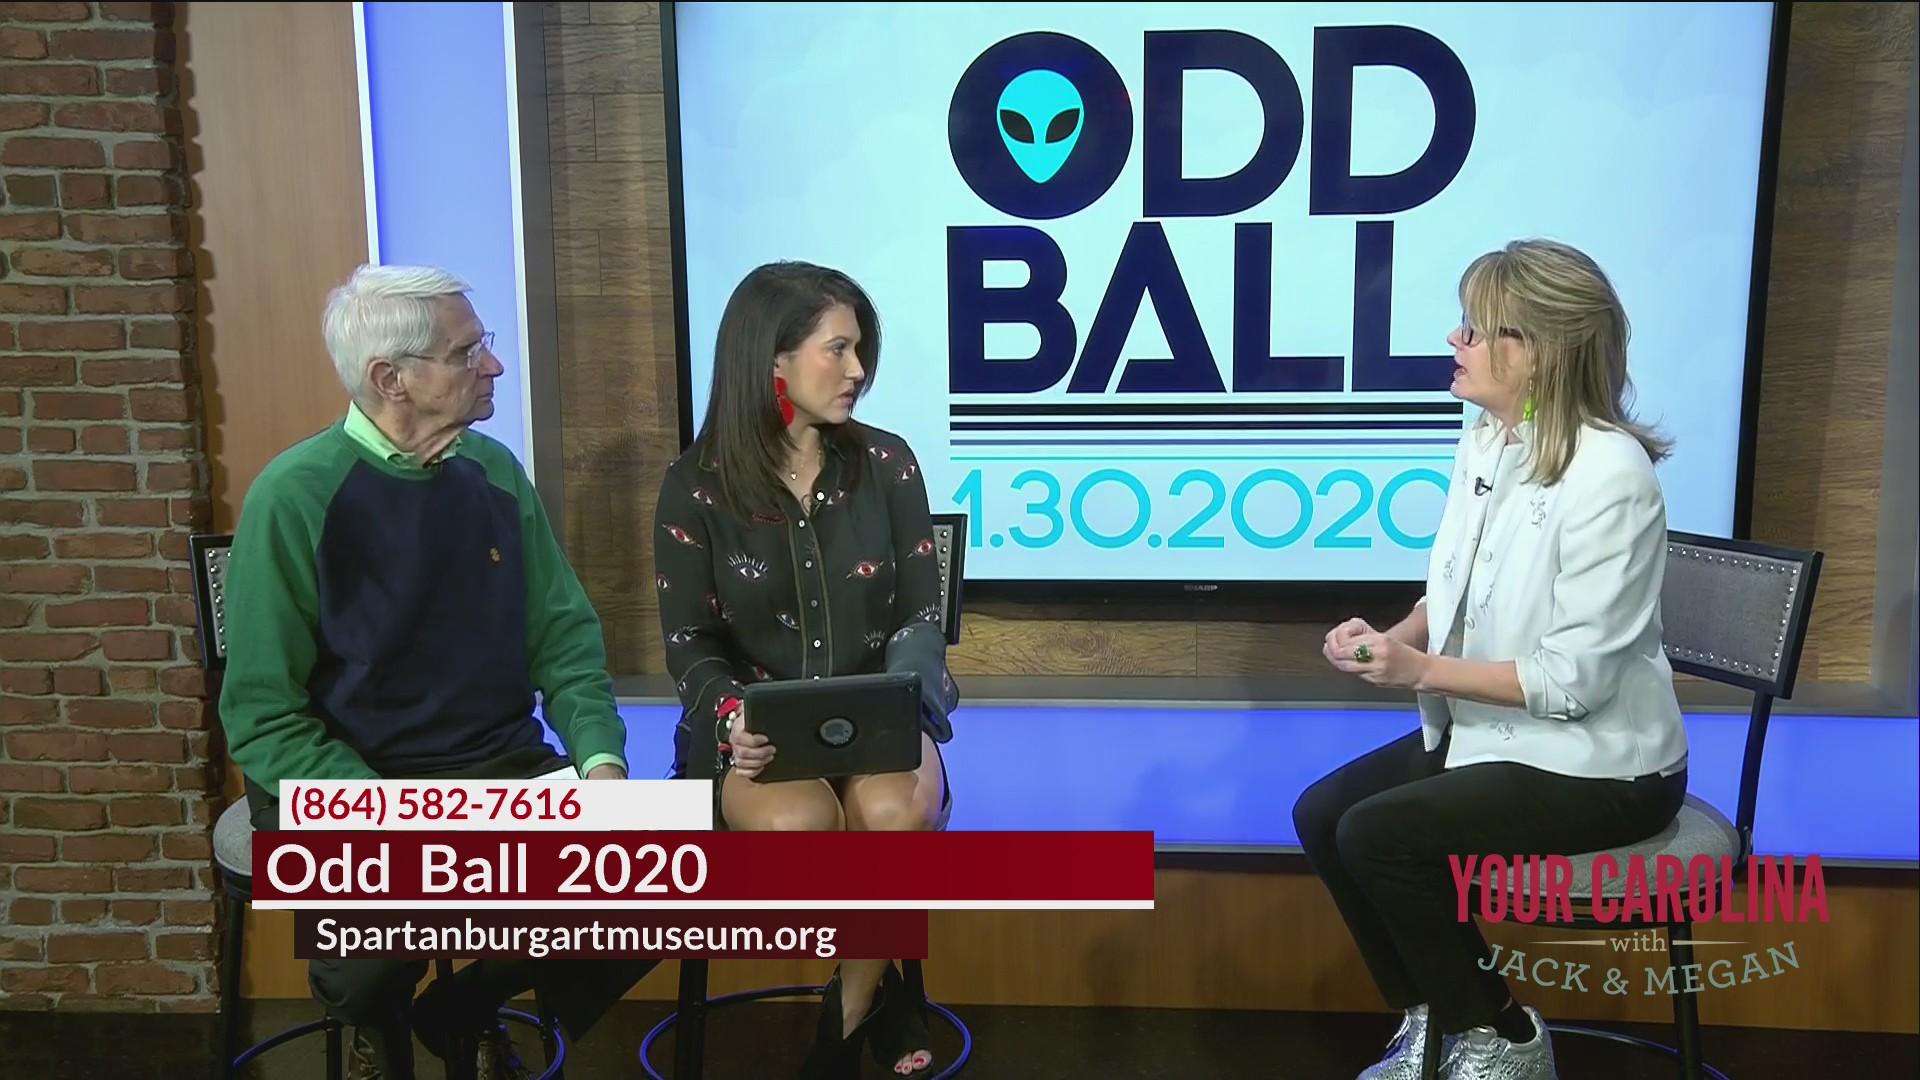 Odd Ball 2020